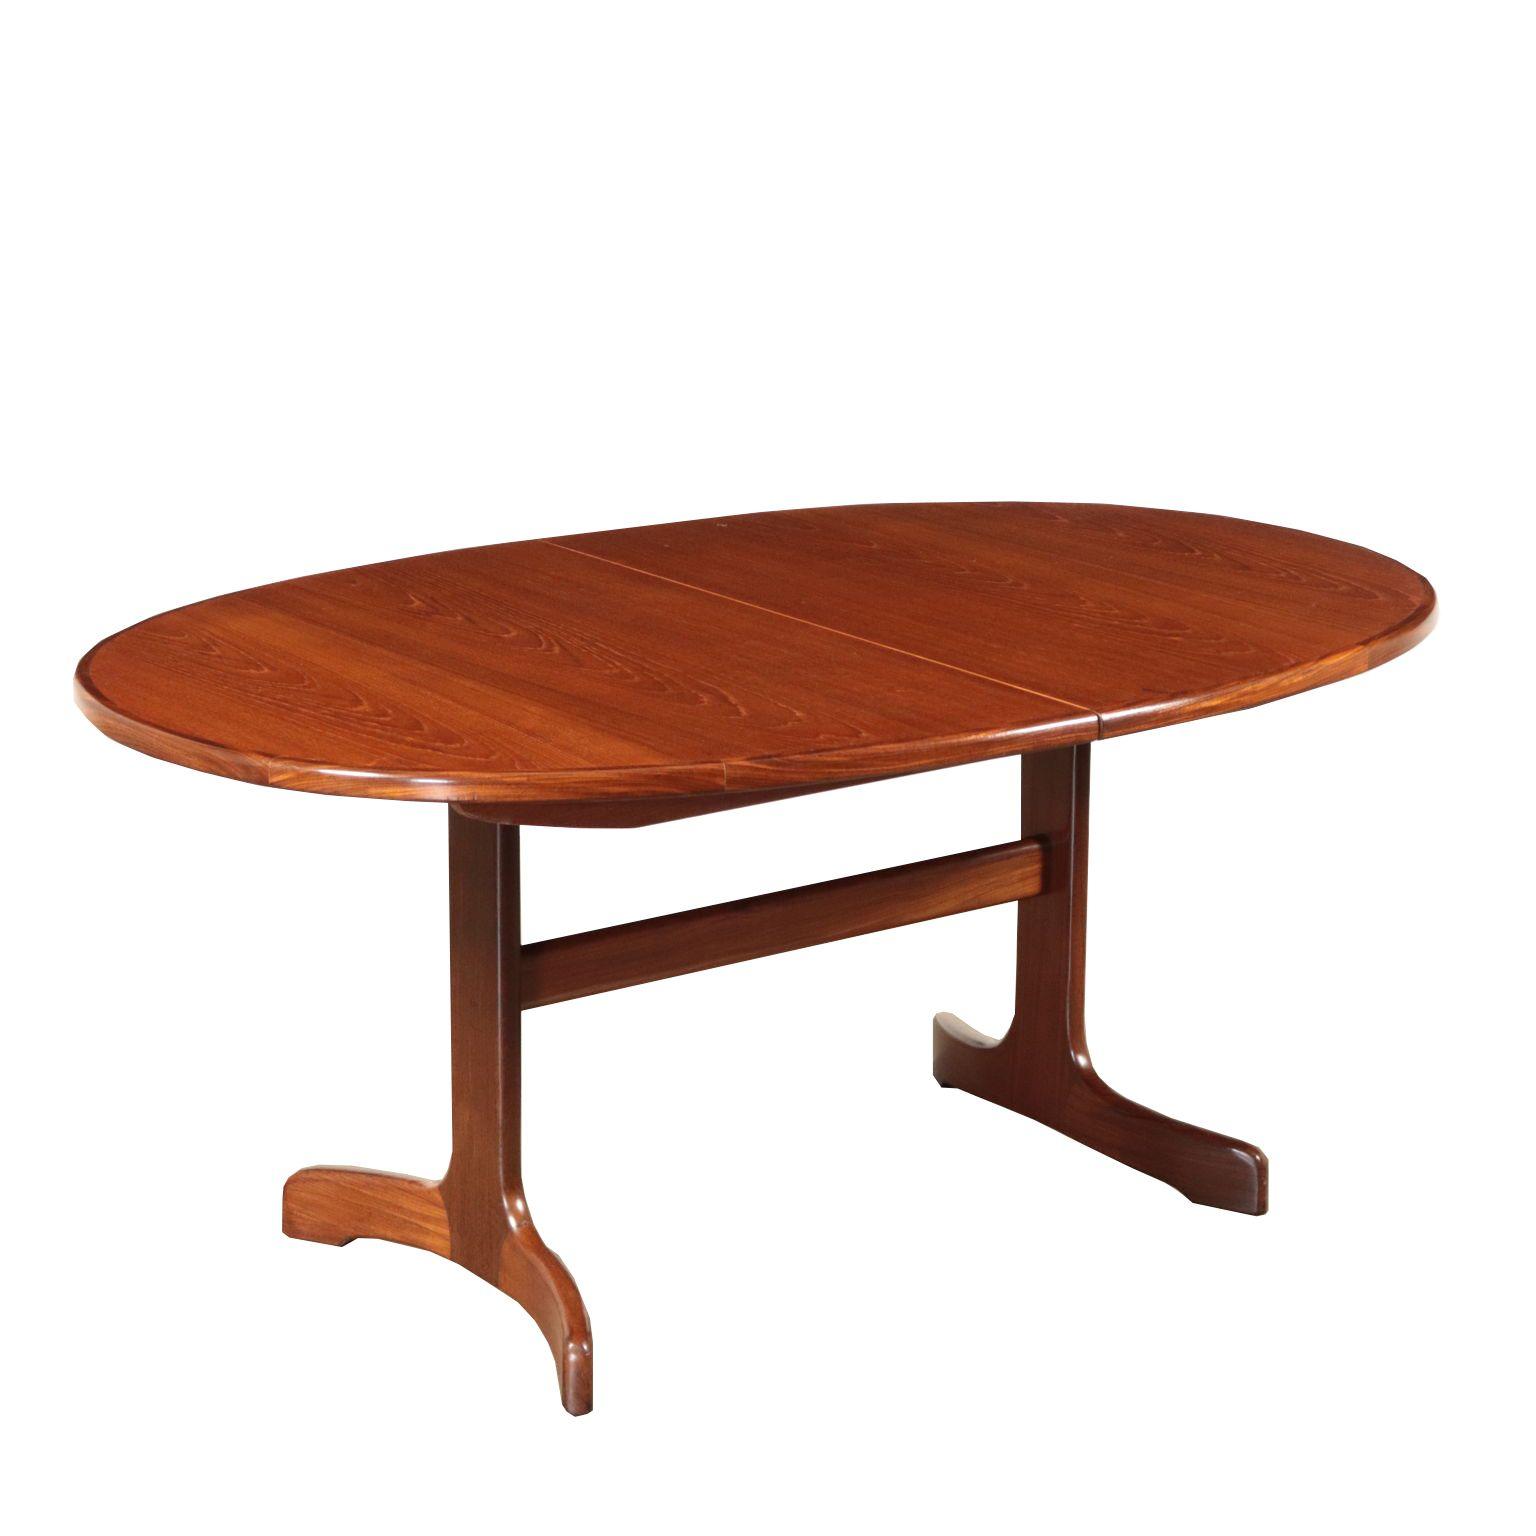 Vintage Vintage Teak Veneer Table England 1960 S Table In Solid Wood And Teak Veneer Avec Images Table Bois Massif Table Bois Table Metal Bois